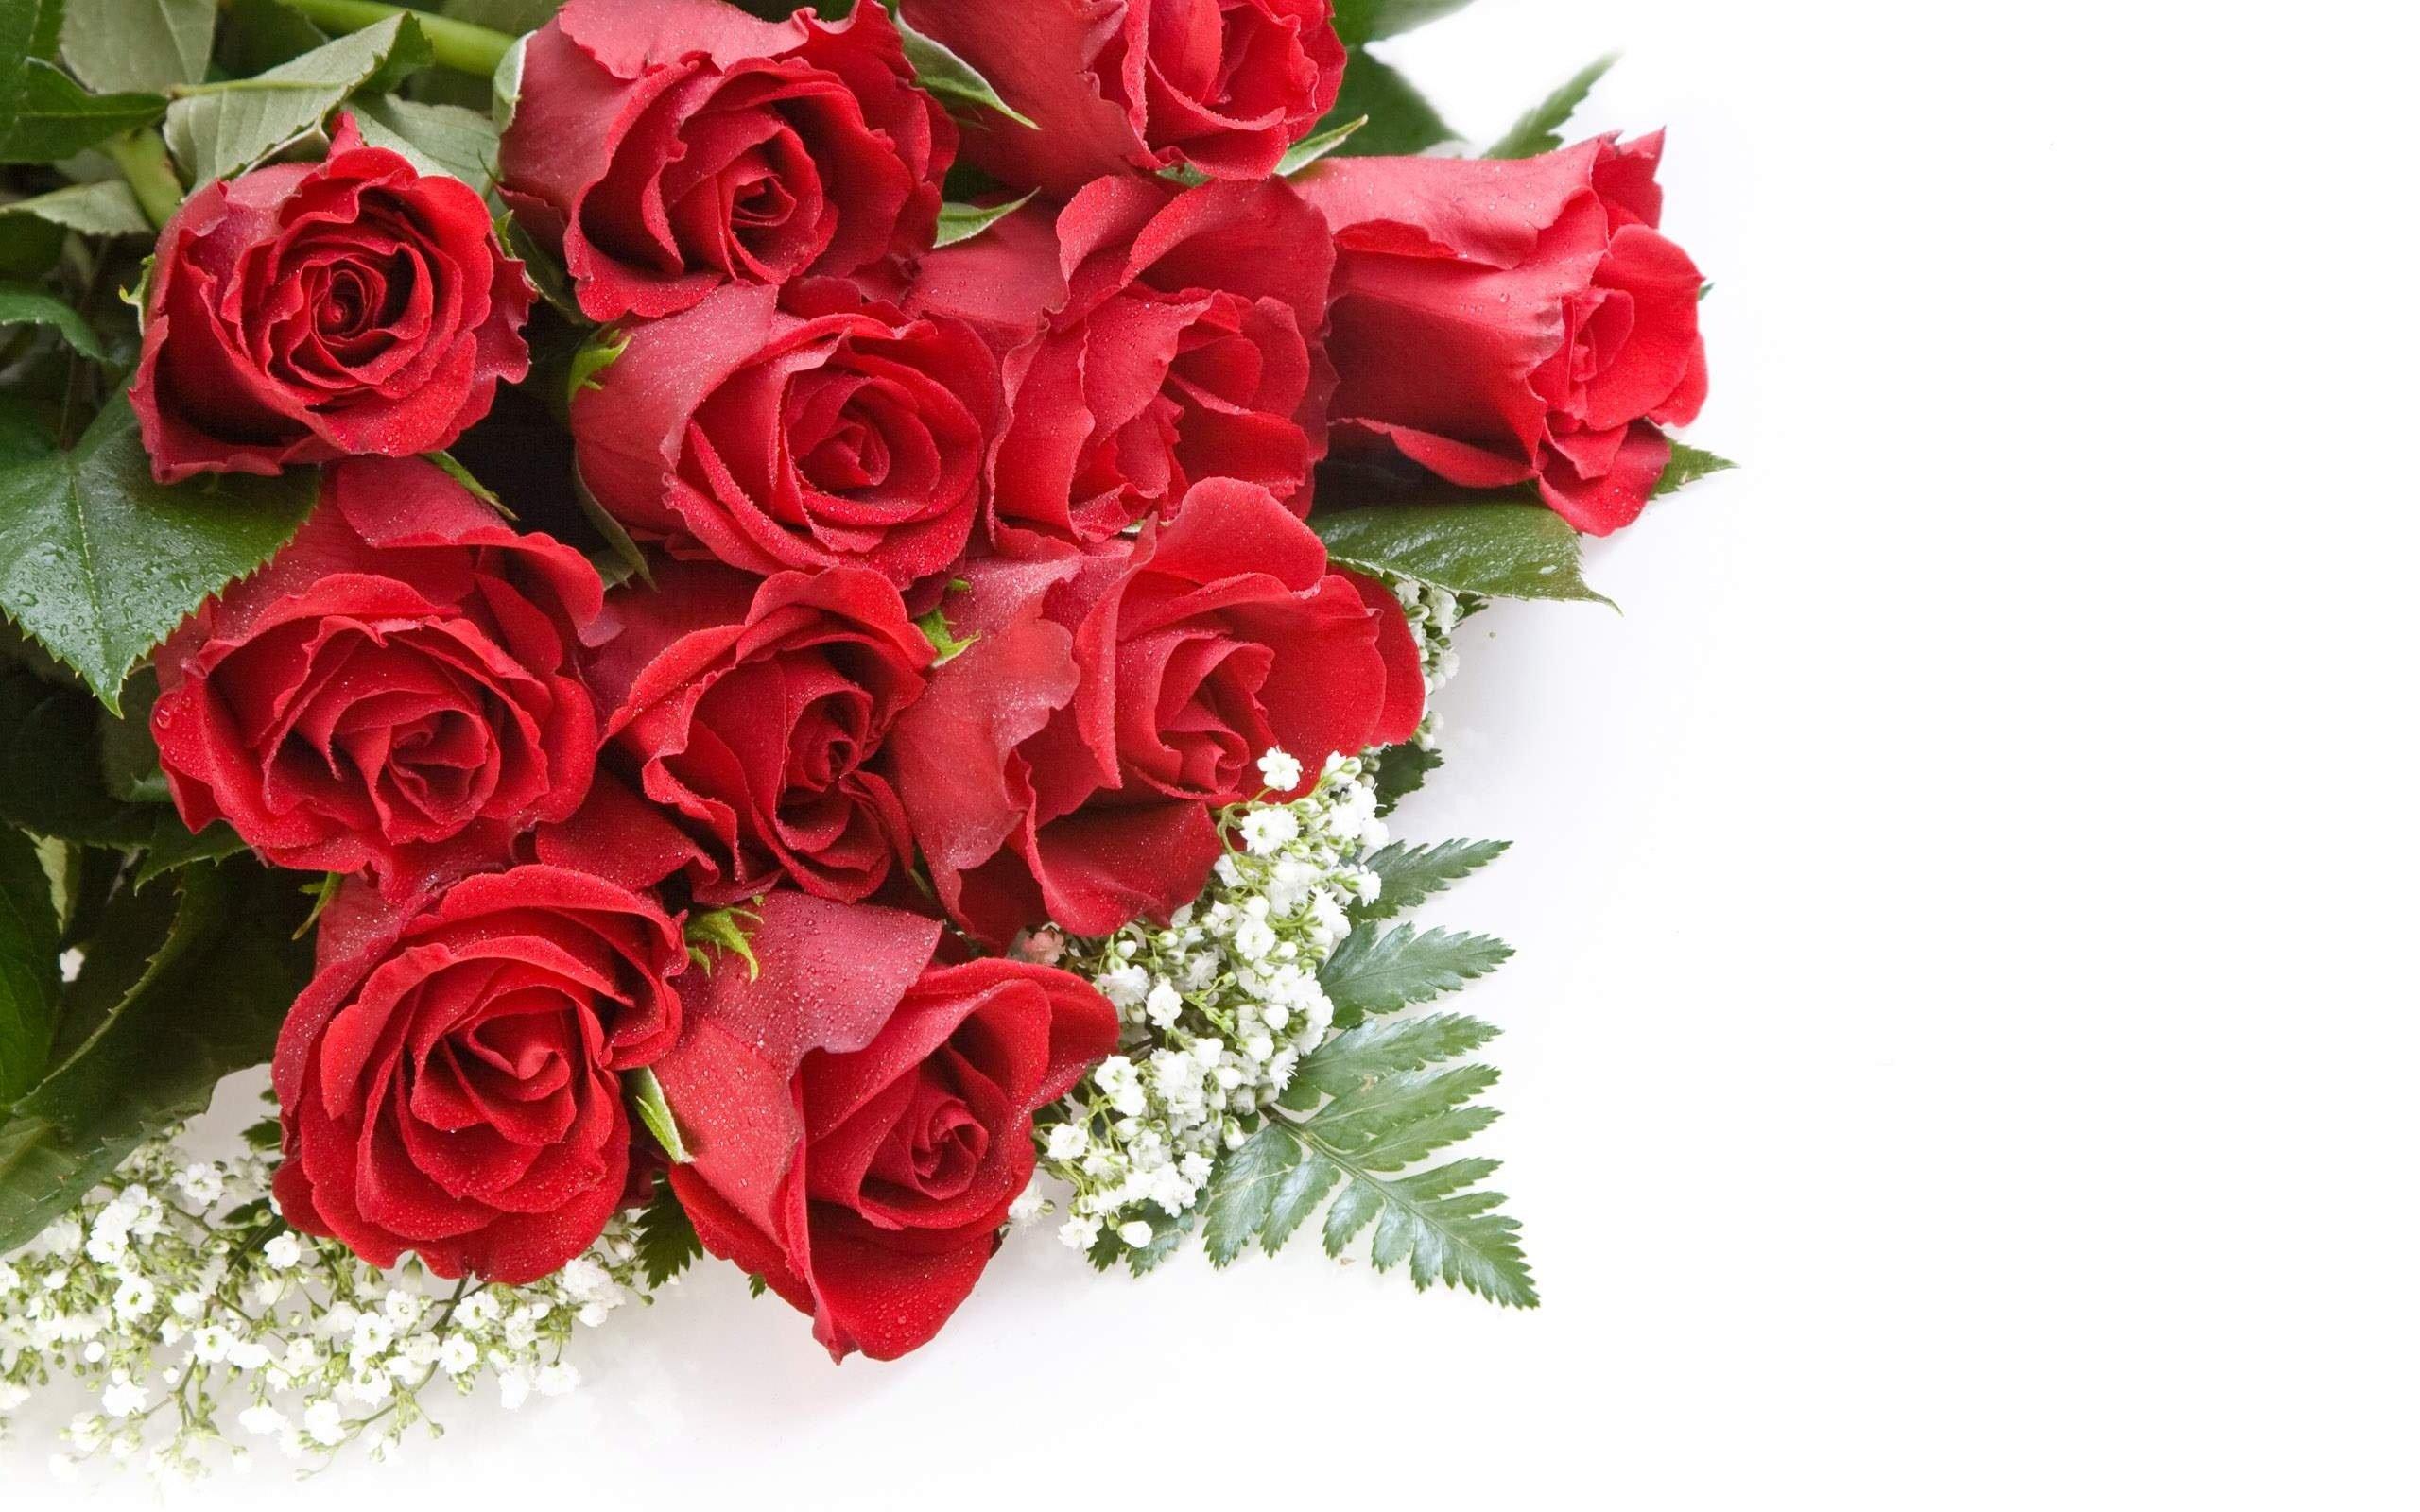 beautiful rose wallpapers hd - wallpapersafari